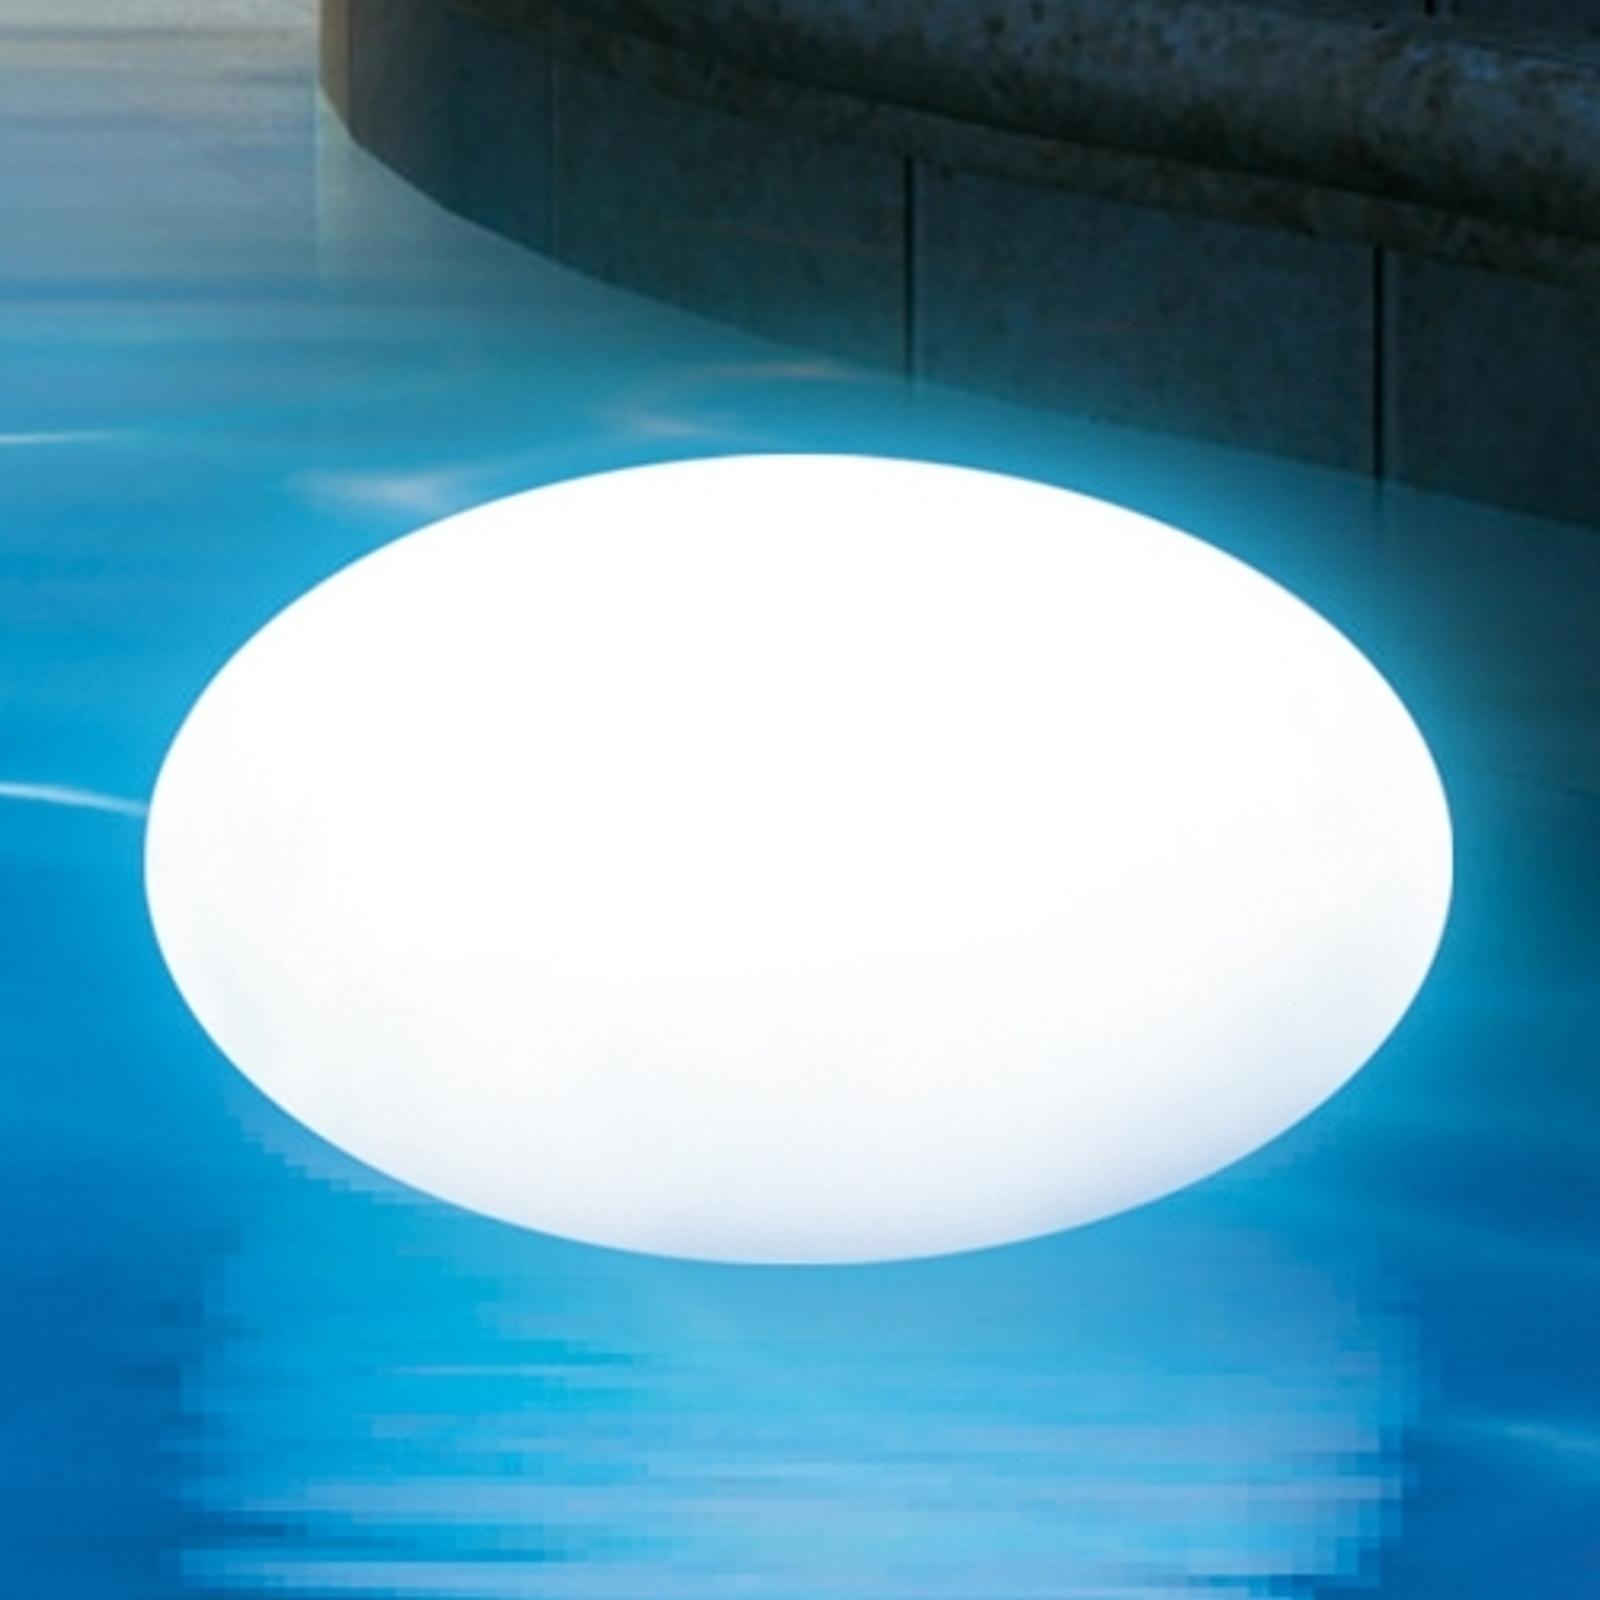 Munavalaisin RGB-LED-valoilla upeaan valaisemiseen